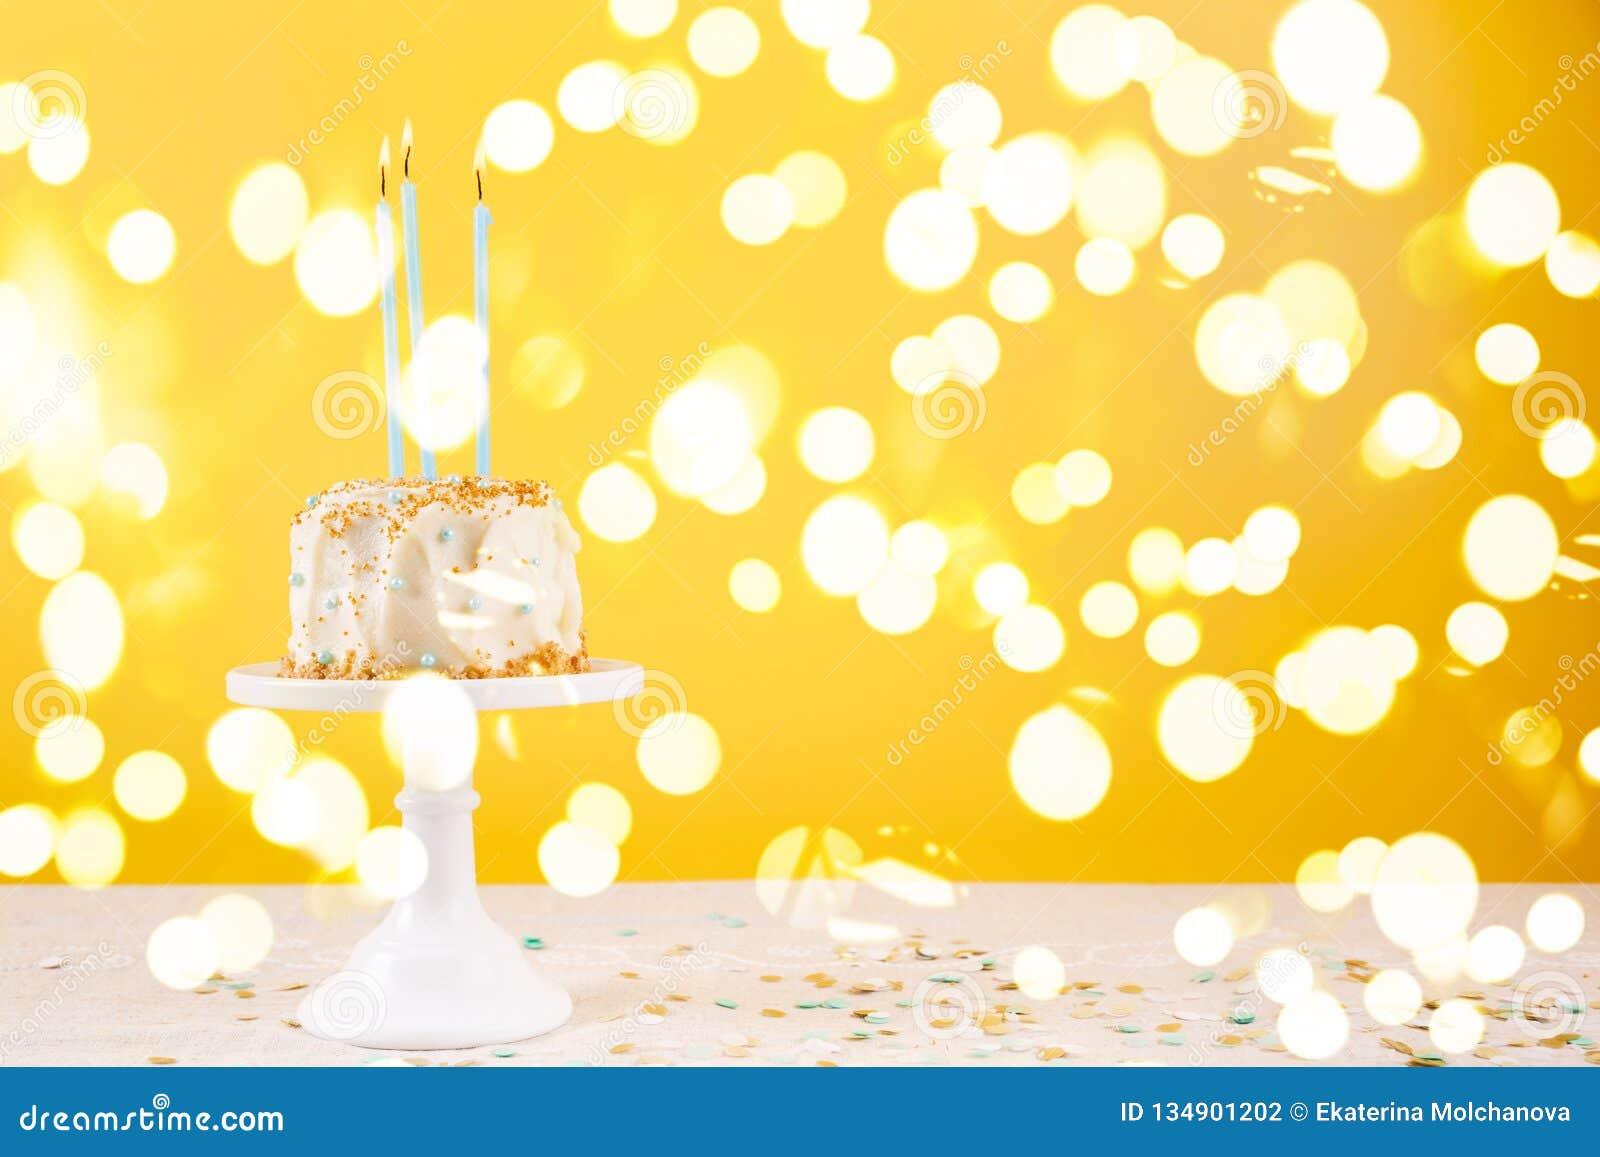 Torta de cumpleaños con las velas Concepto de la celebración de la fiesta de cumpleaños